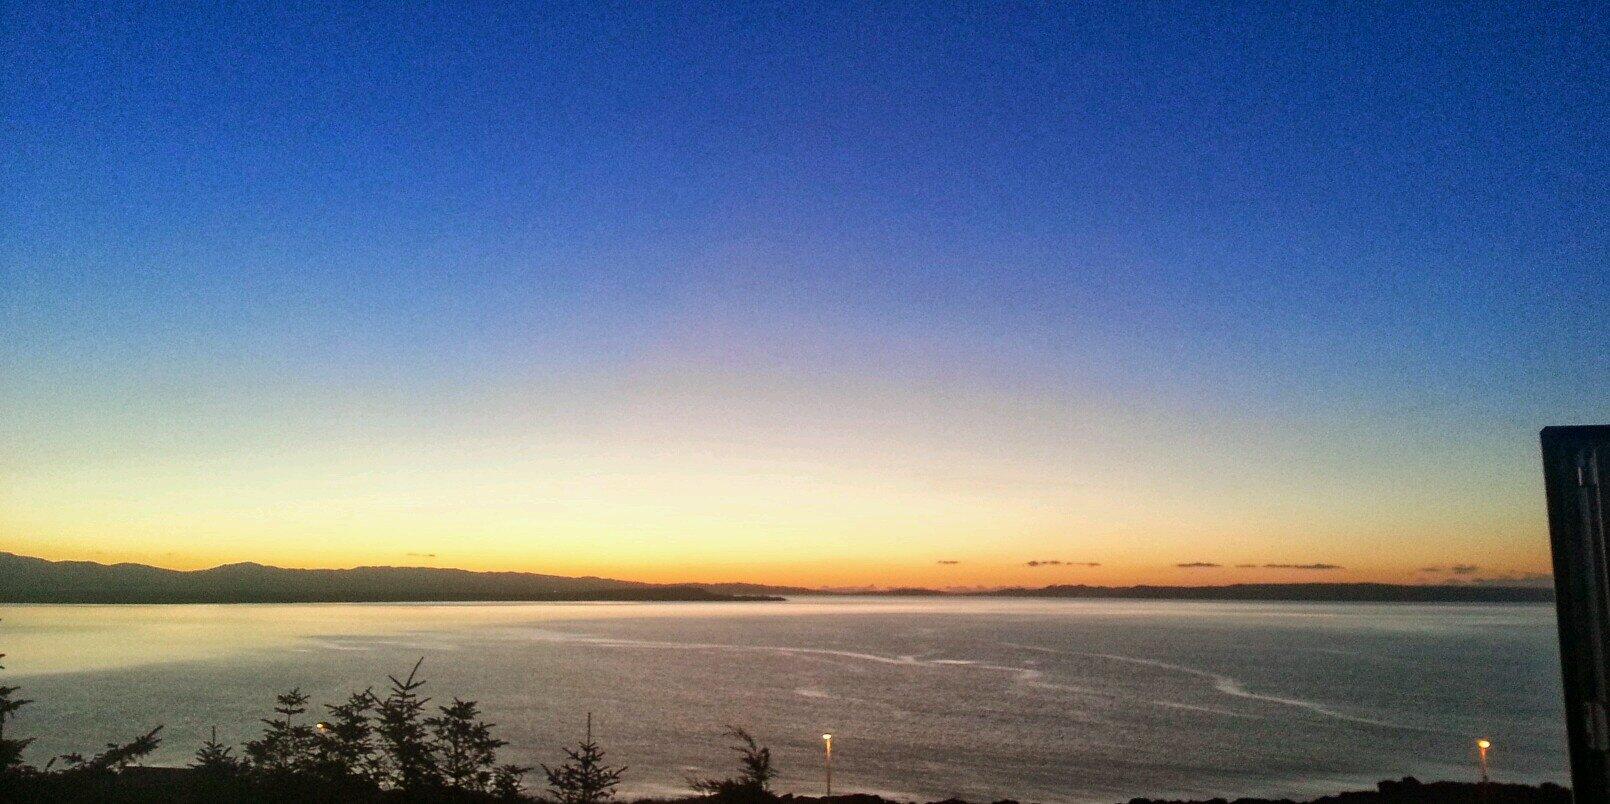 Full Moon Rising over the Forth @ Granton Harbour Breakwater instagram.com/p/CII9gH3jfMMn…